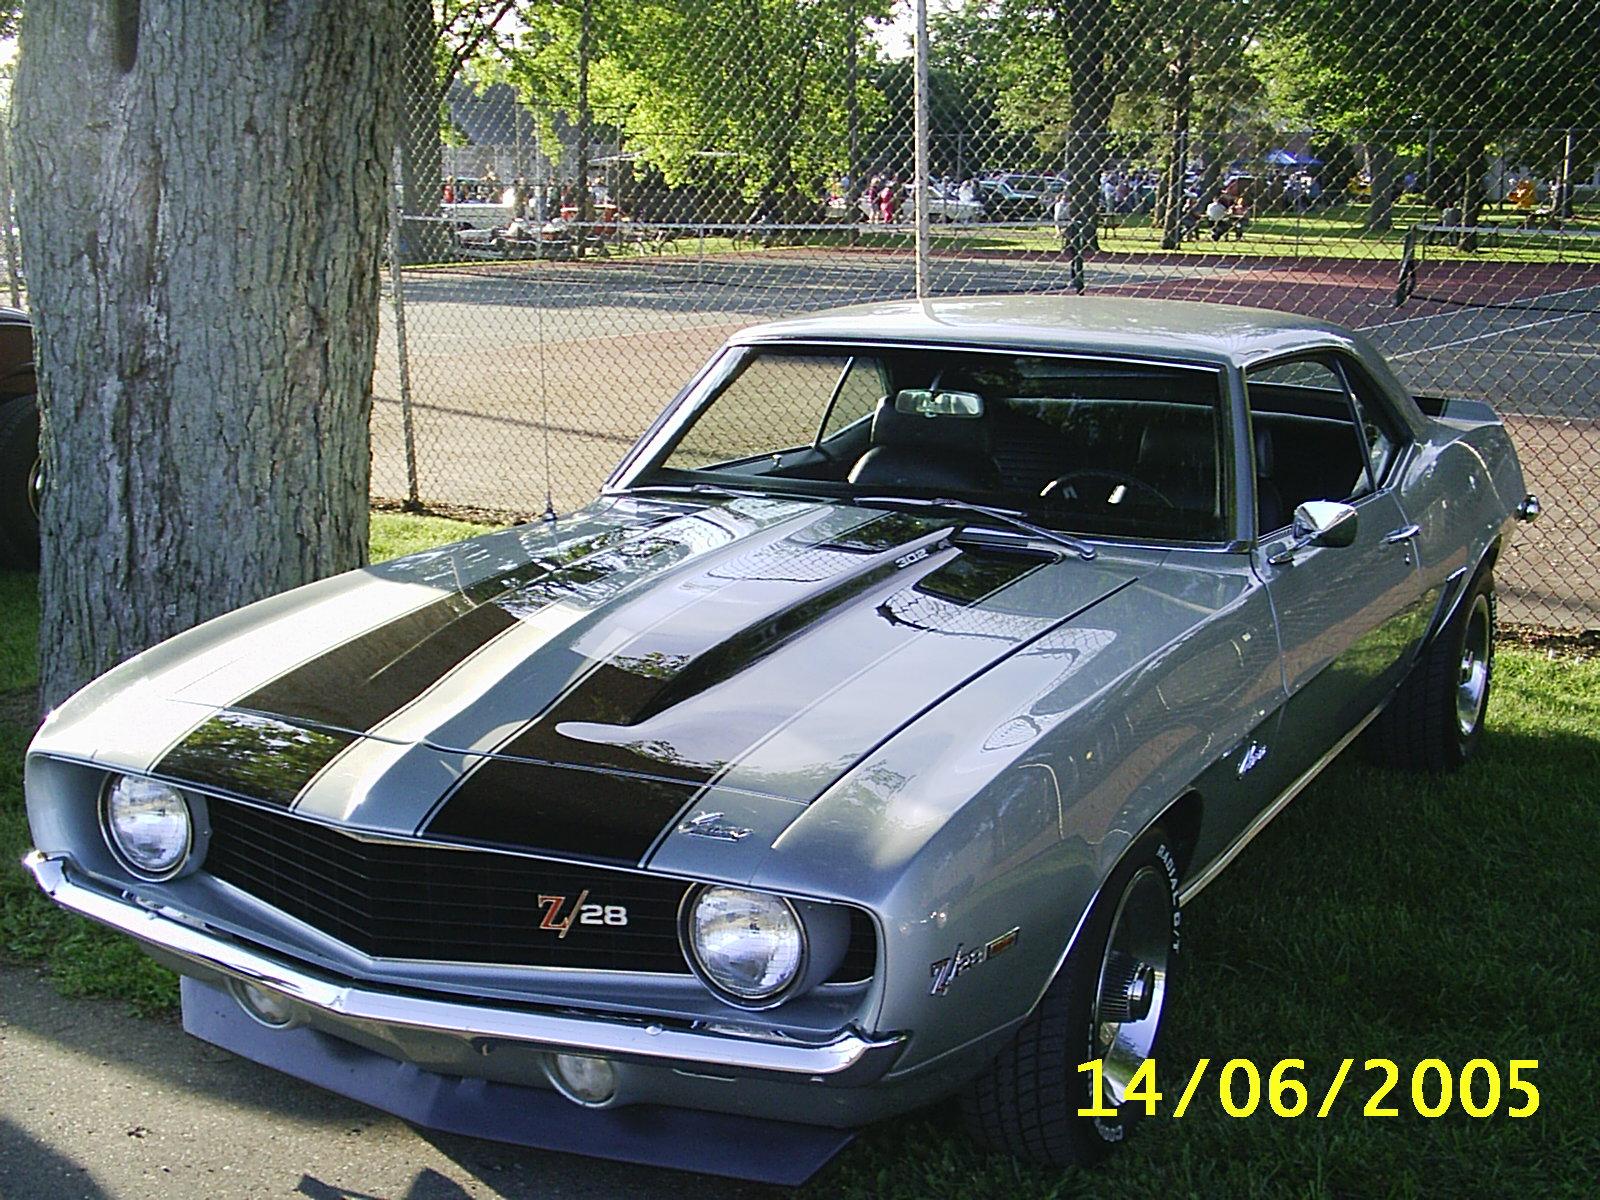 http://3.bp.blogspot.com/-_0-bShKwT9g/T7t1I1ho4-I/AAAAAAAABD0/eOro4_4Z5lI/s1600/pictures+of+muscle+cars-4.jpg